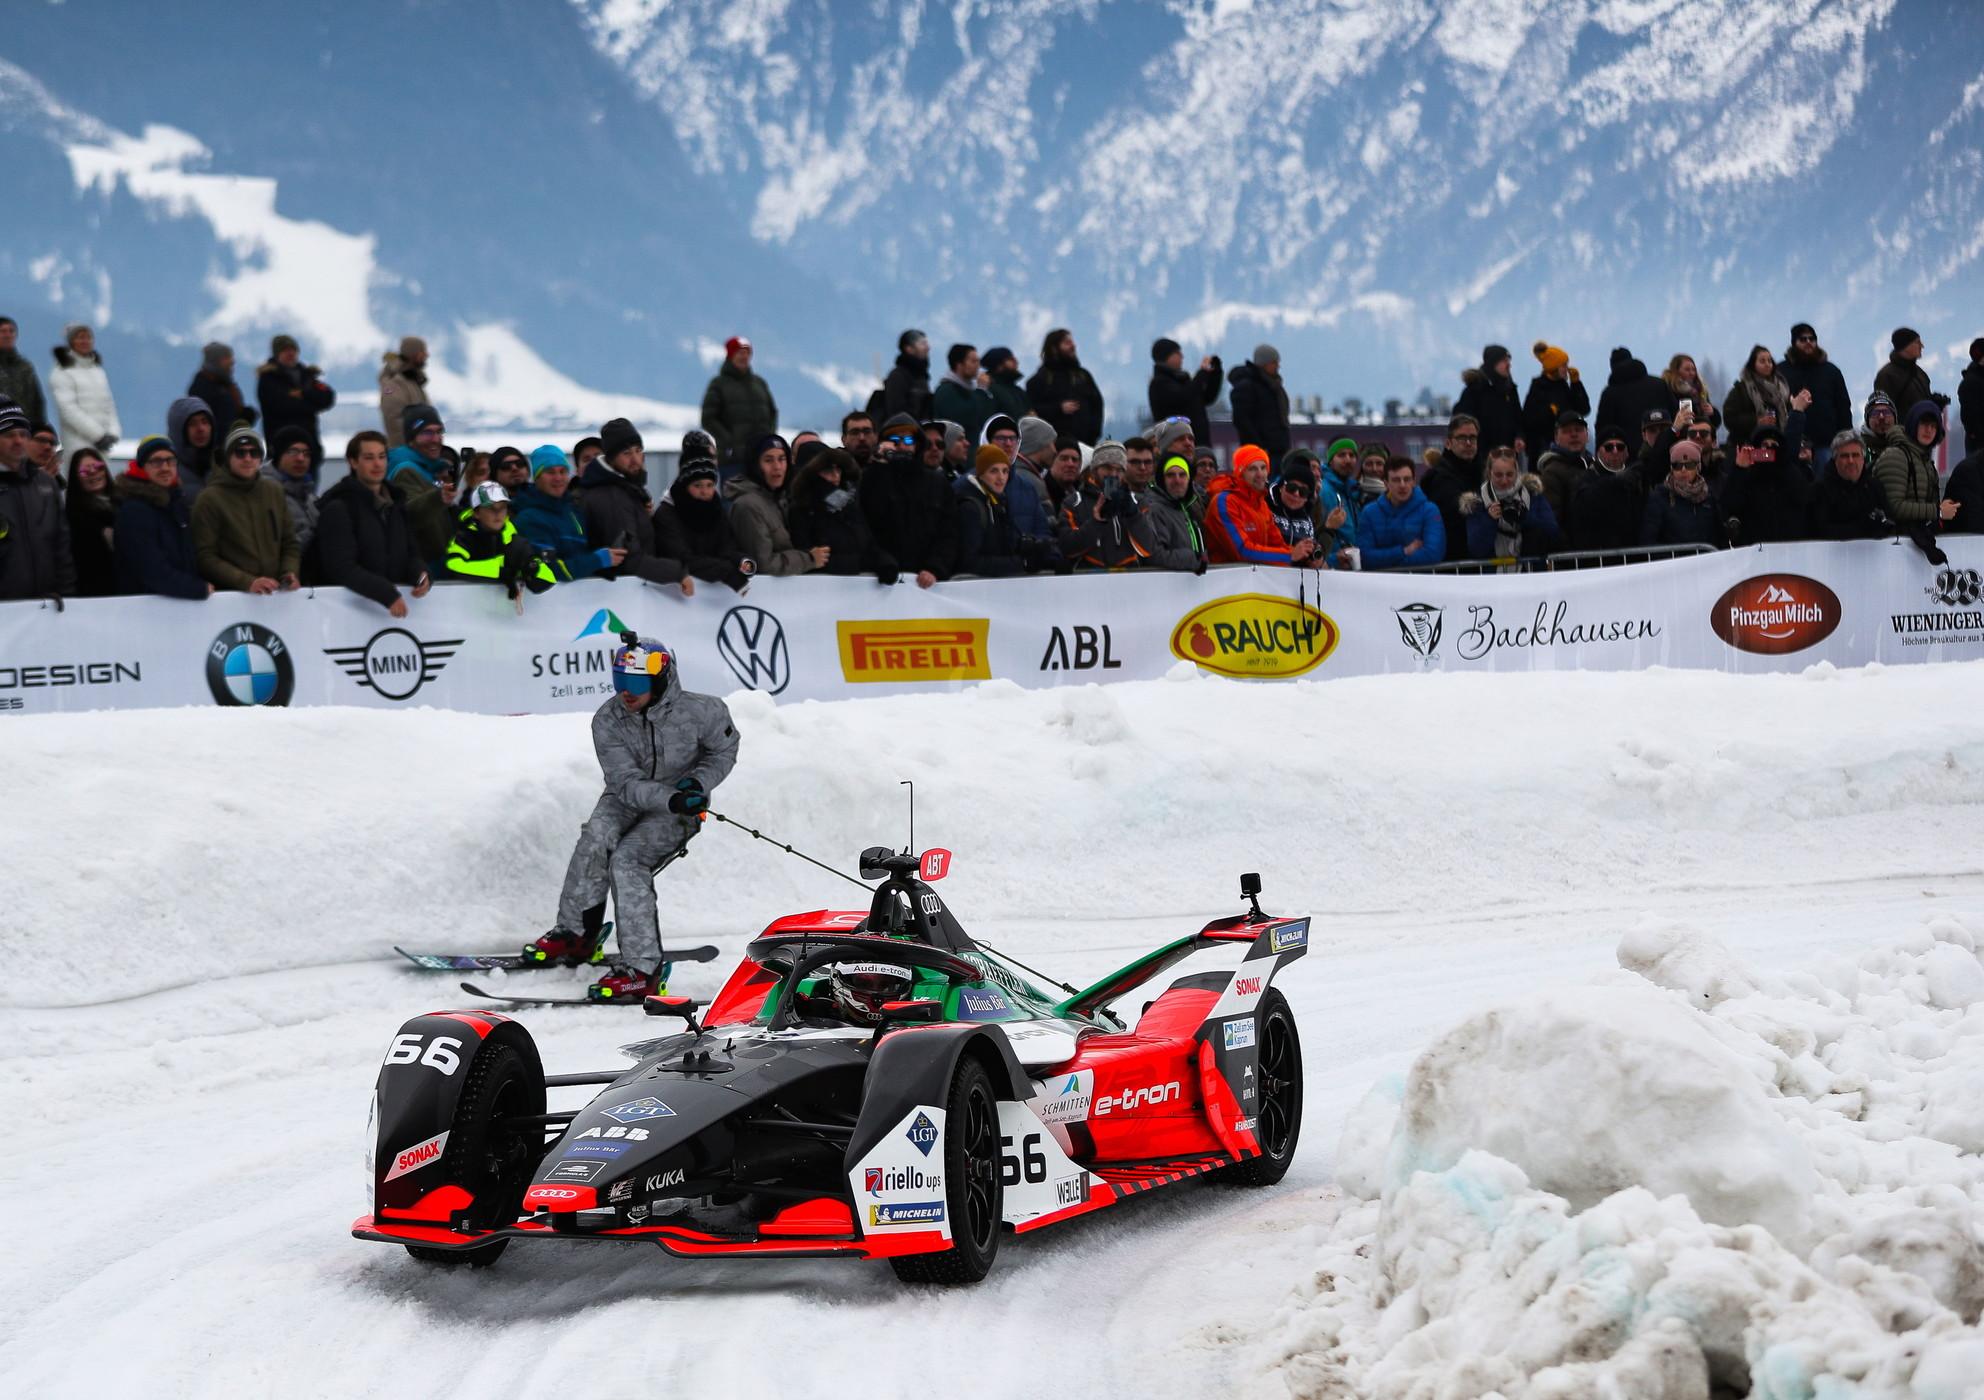 Esibizione-spettacolo per Daniel Abt e l'Audi di Formula E: la monoposto elettrica e-tron FE06 si è esibita sul lago ghiacciatodi Zell am See in Austria nell'evento che ha visto pure la partecipazione del campione del mondo Rally 1984 Blomqvist e il triplo vincitore diLe MansTréluyer.